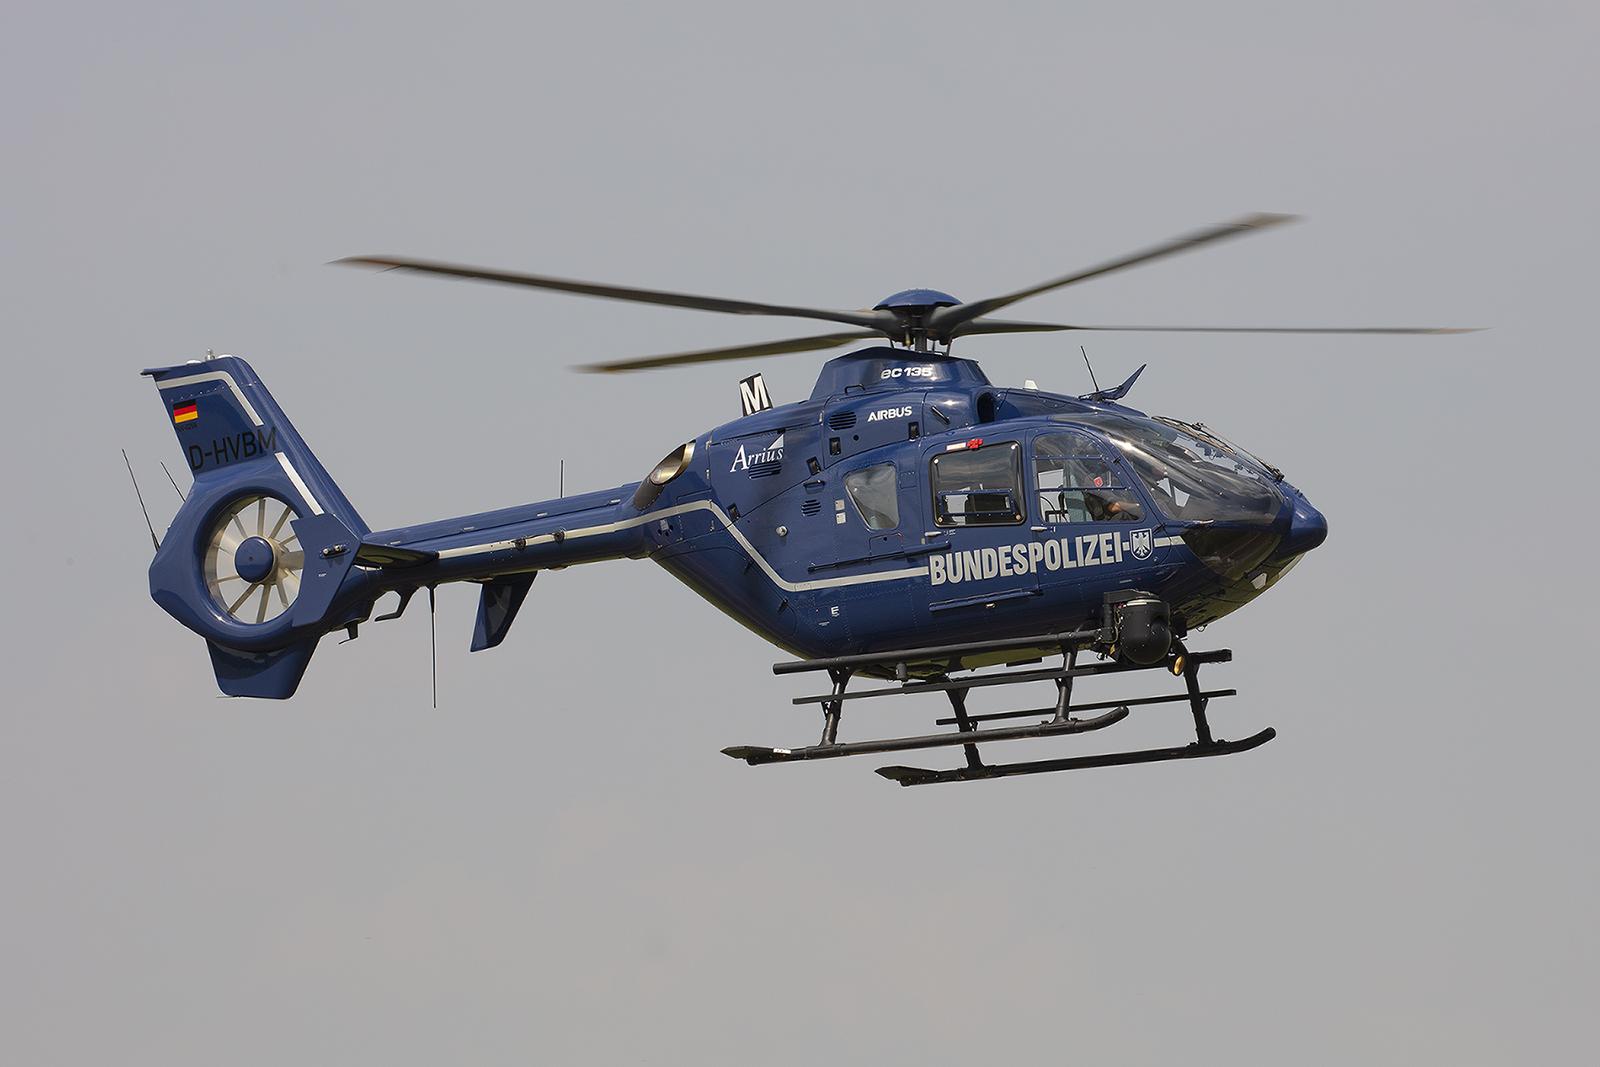 Auch die Bundespolizei hat in Halle-Oppin einen EC135 stationiert.